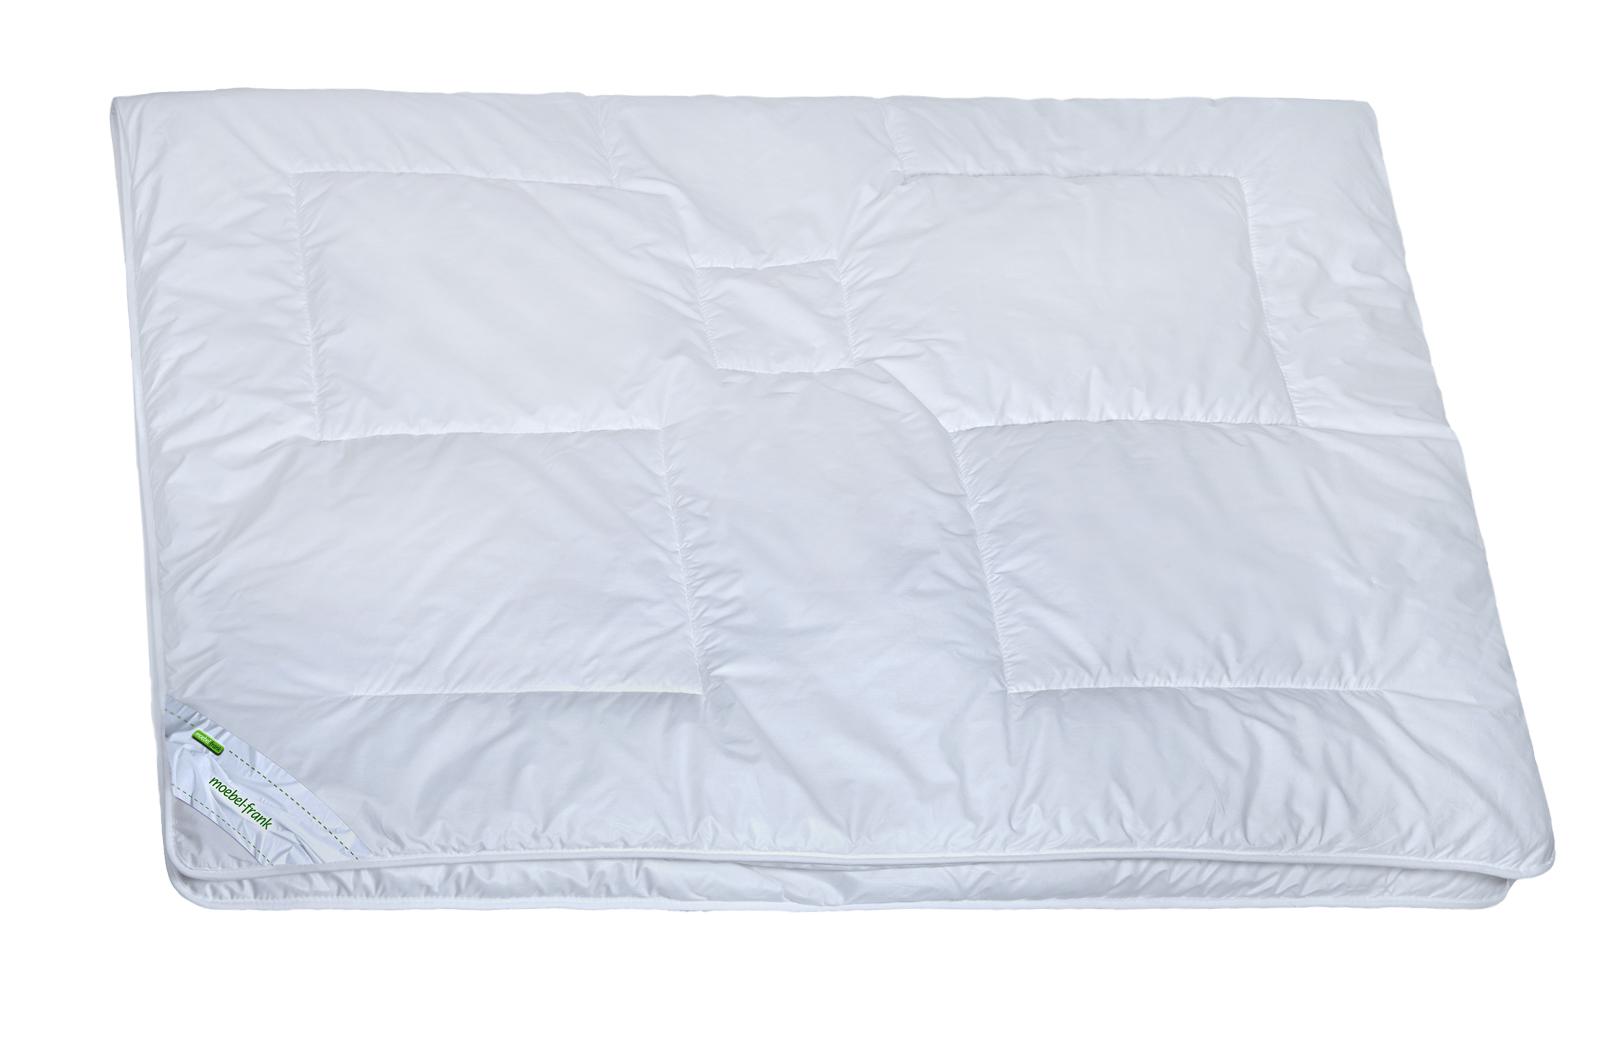 Ganzjahresbettdecke Klima-Funktionsfaser Baumwolle waschbar 60° Clara – Bild 3